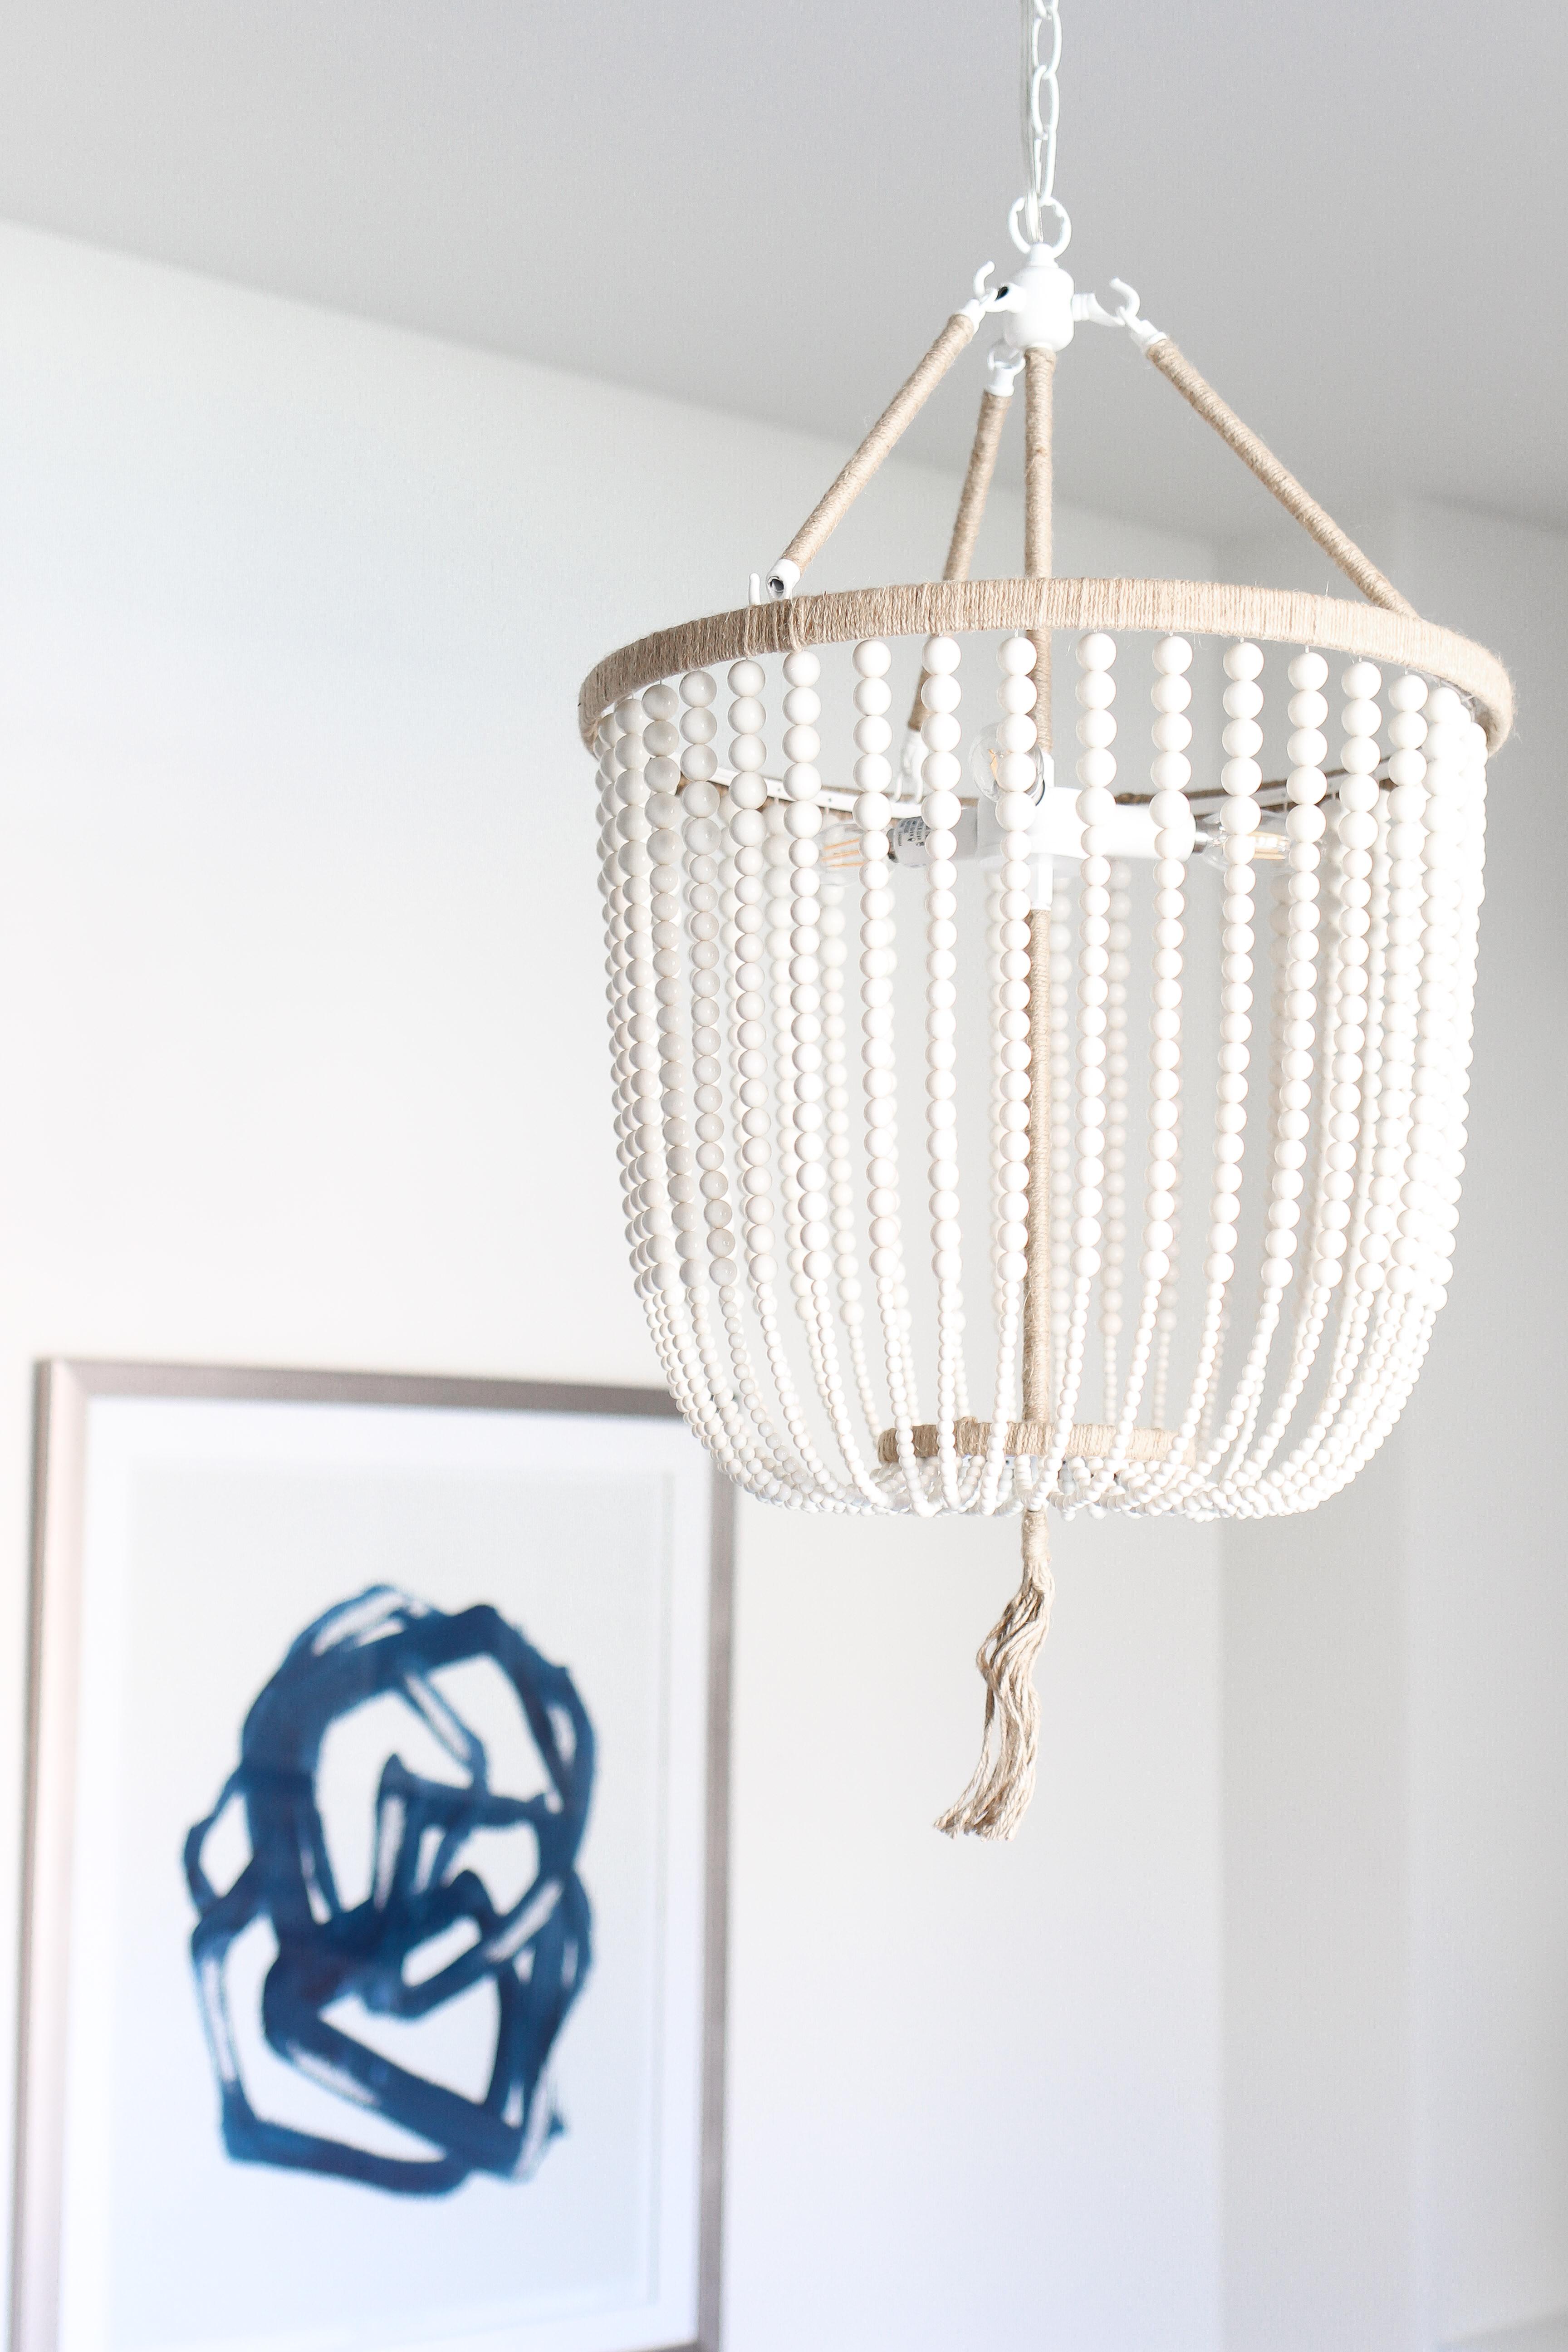 nook lighting. Simply Sutter \u2013 Kitchen Nook Beaded Chandelier White -bistro Chairs Lighting Fixtue Walls Nook7165